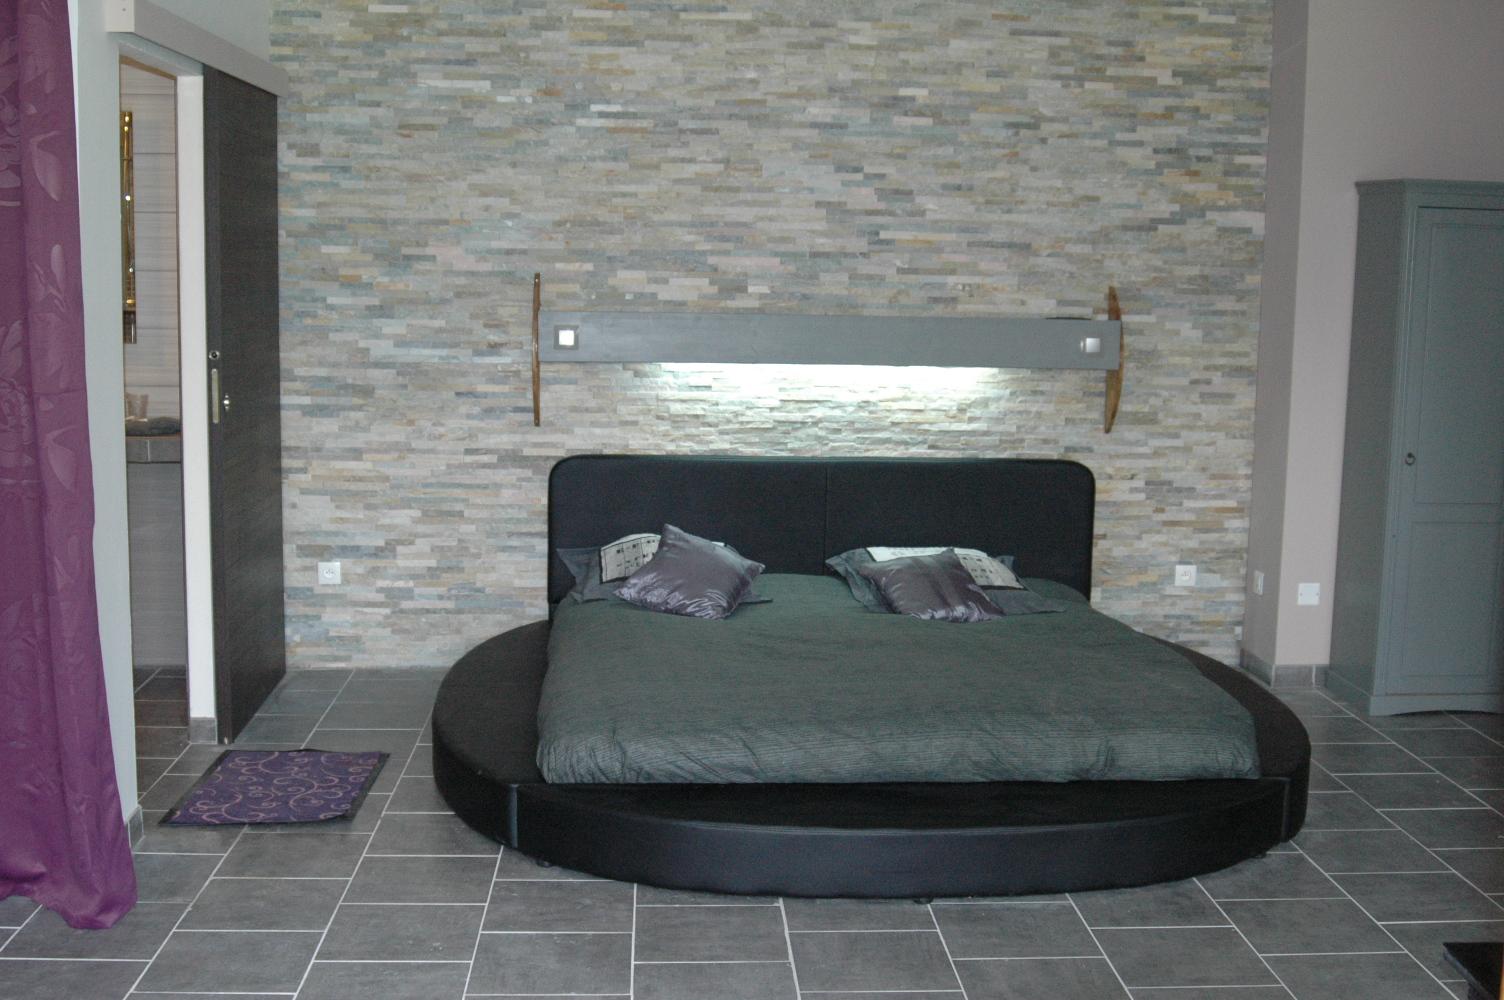 nuit insolite dans lit rond pour s jour amoureux. Black Bedroom Furniture Sets. Home Design Ideas